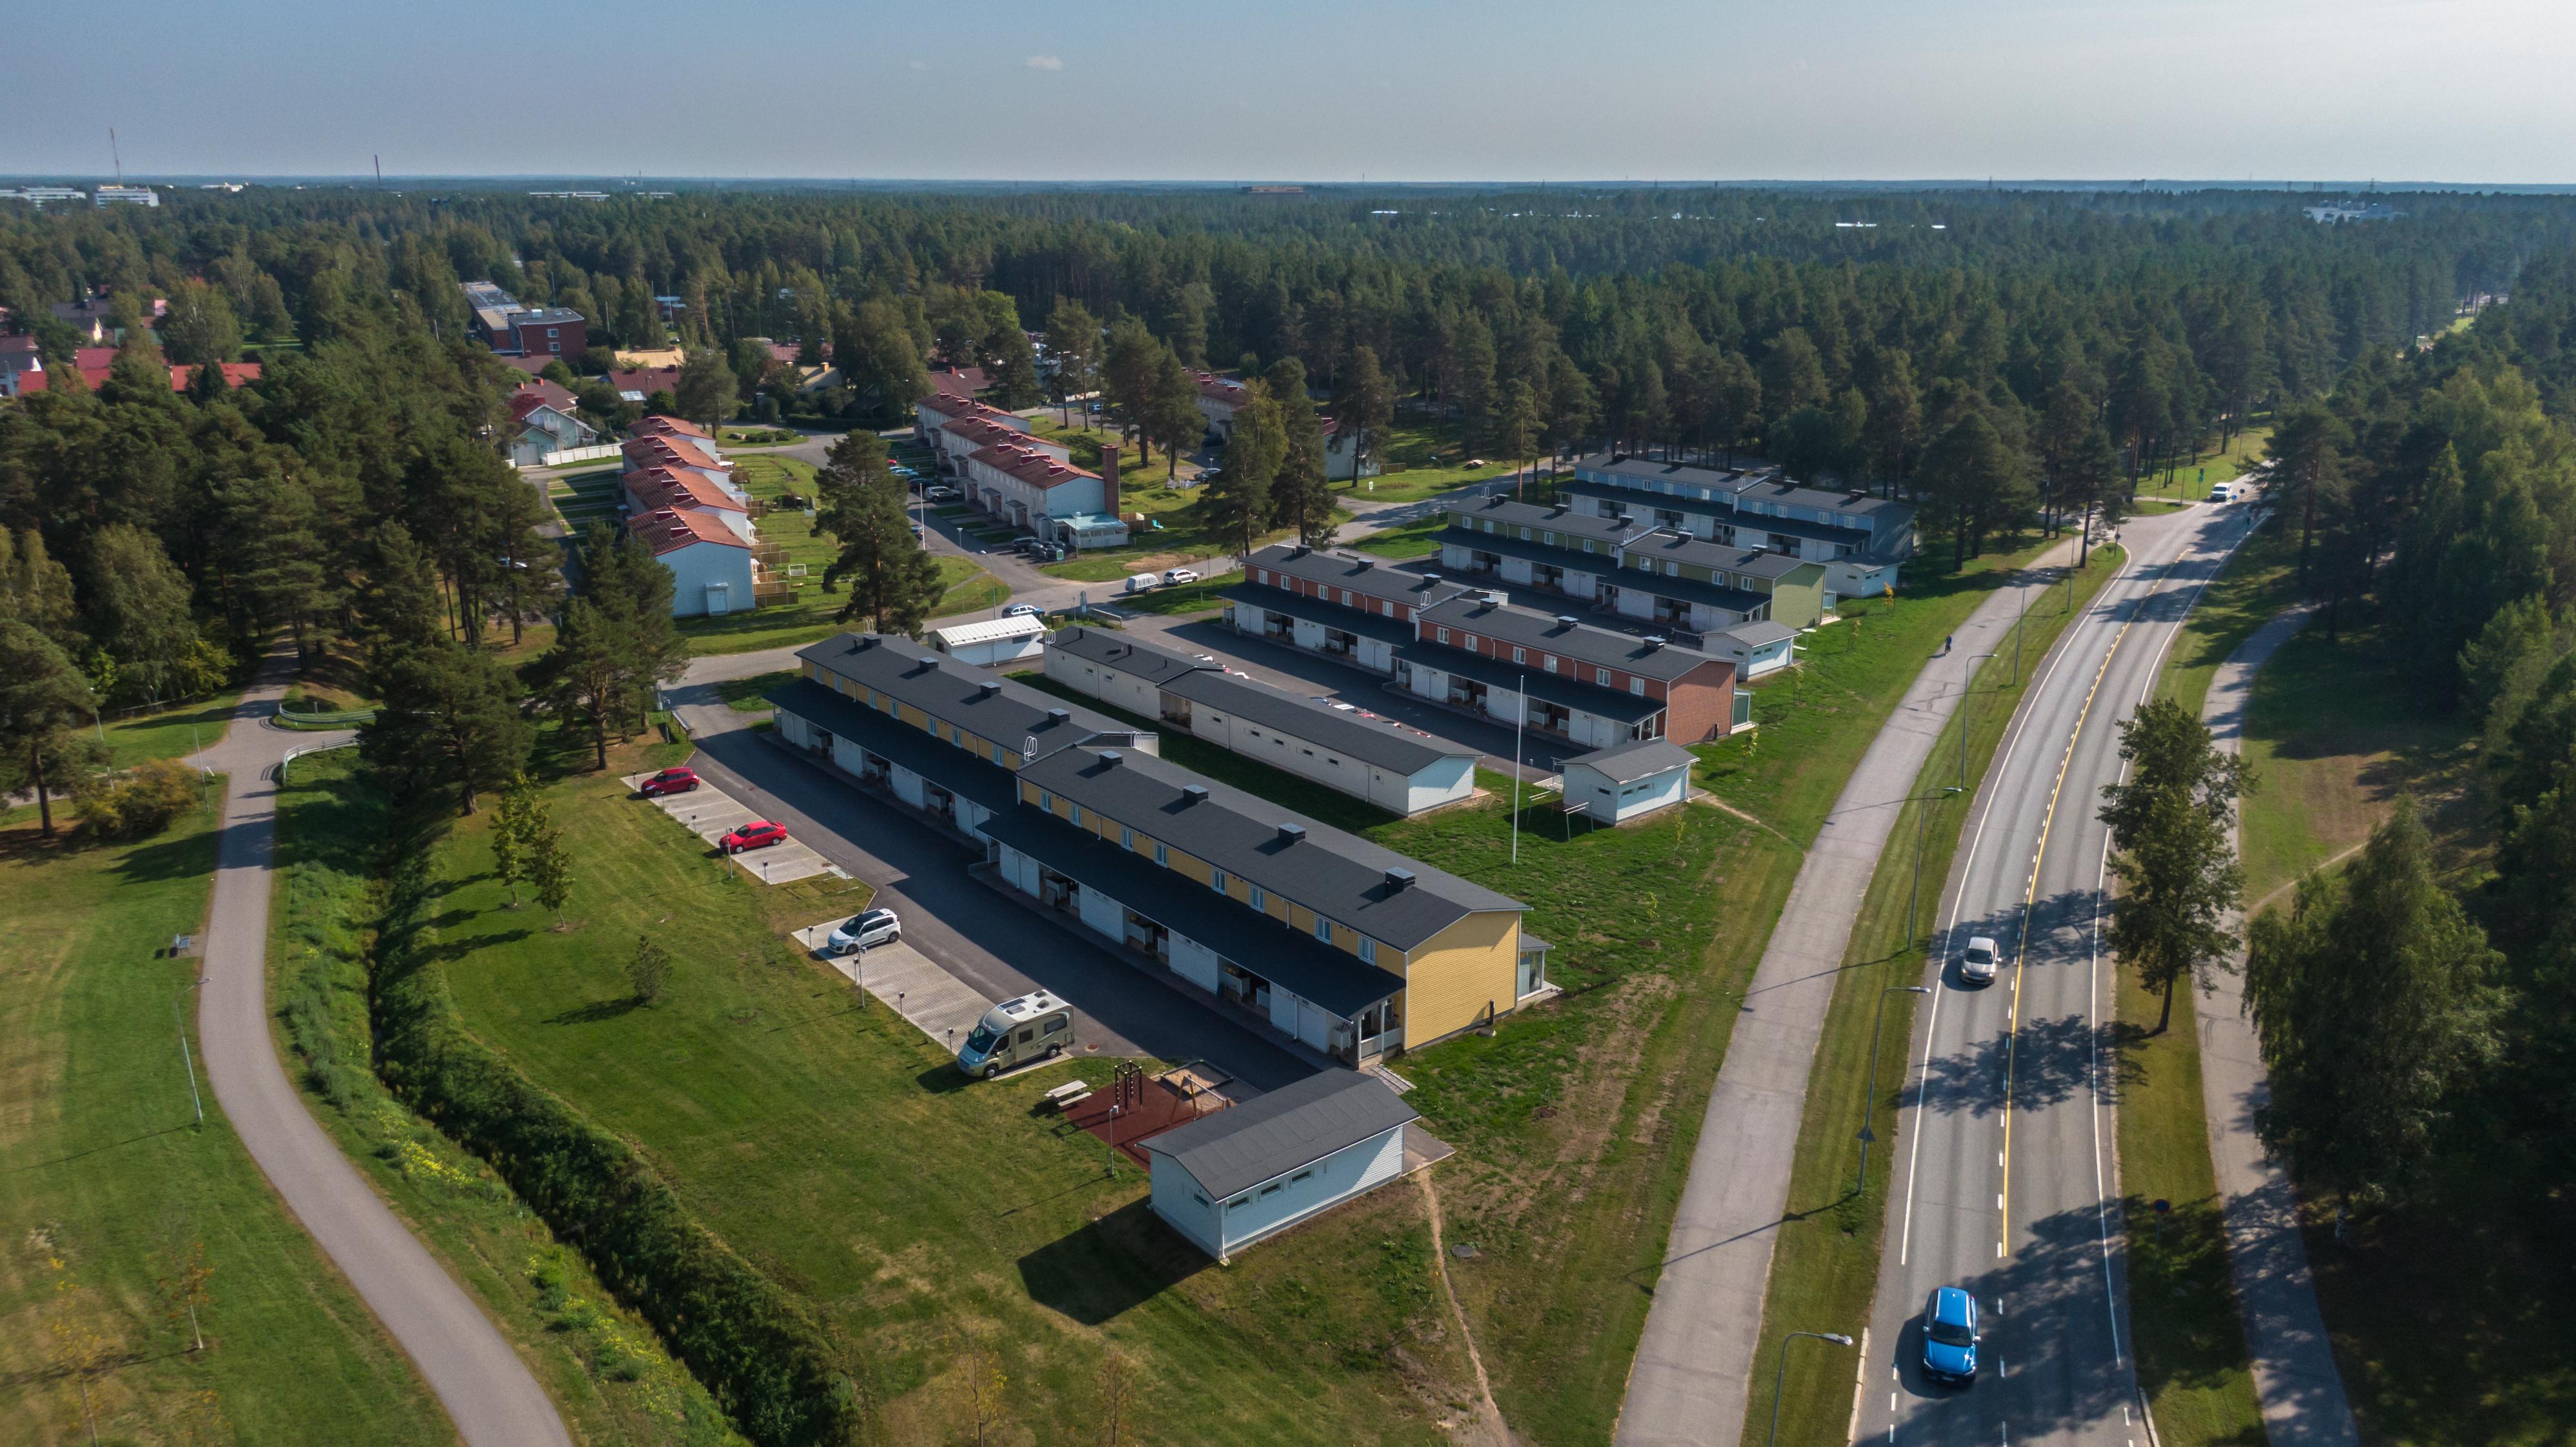 Oulun Höyhtyän kaupunginosaa ilmasta kuvattuna kesällä. Rivitaloja ja metsämaisemaa.